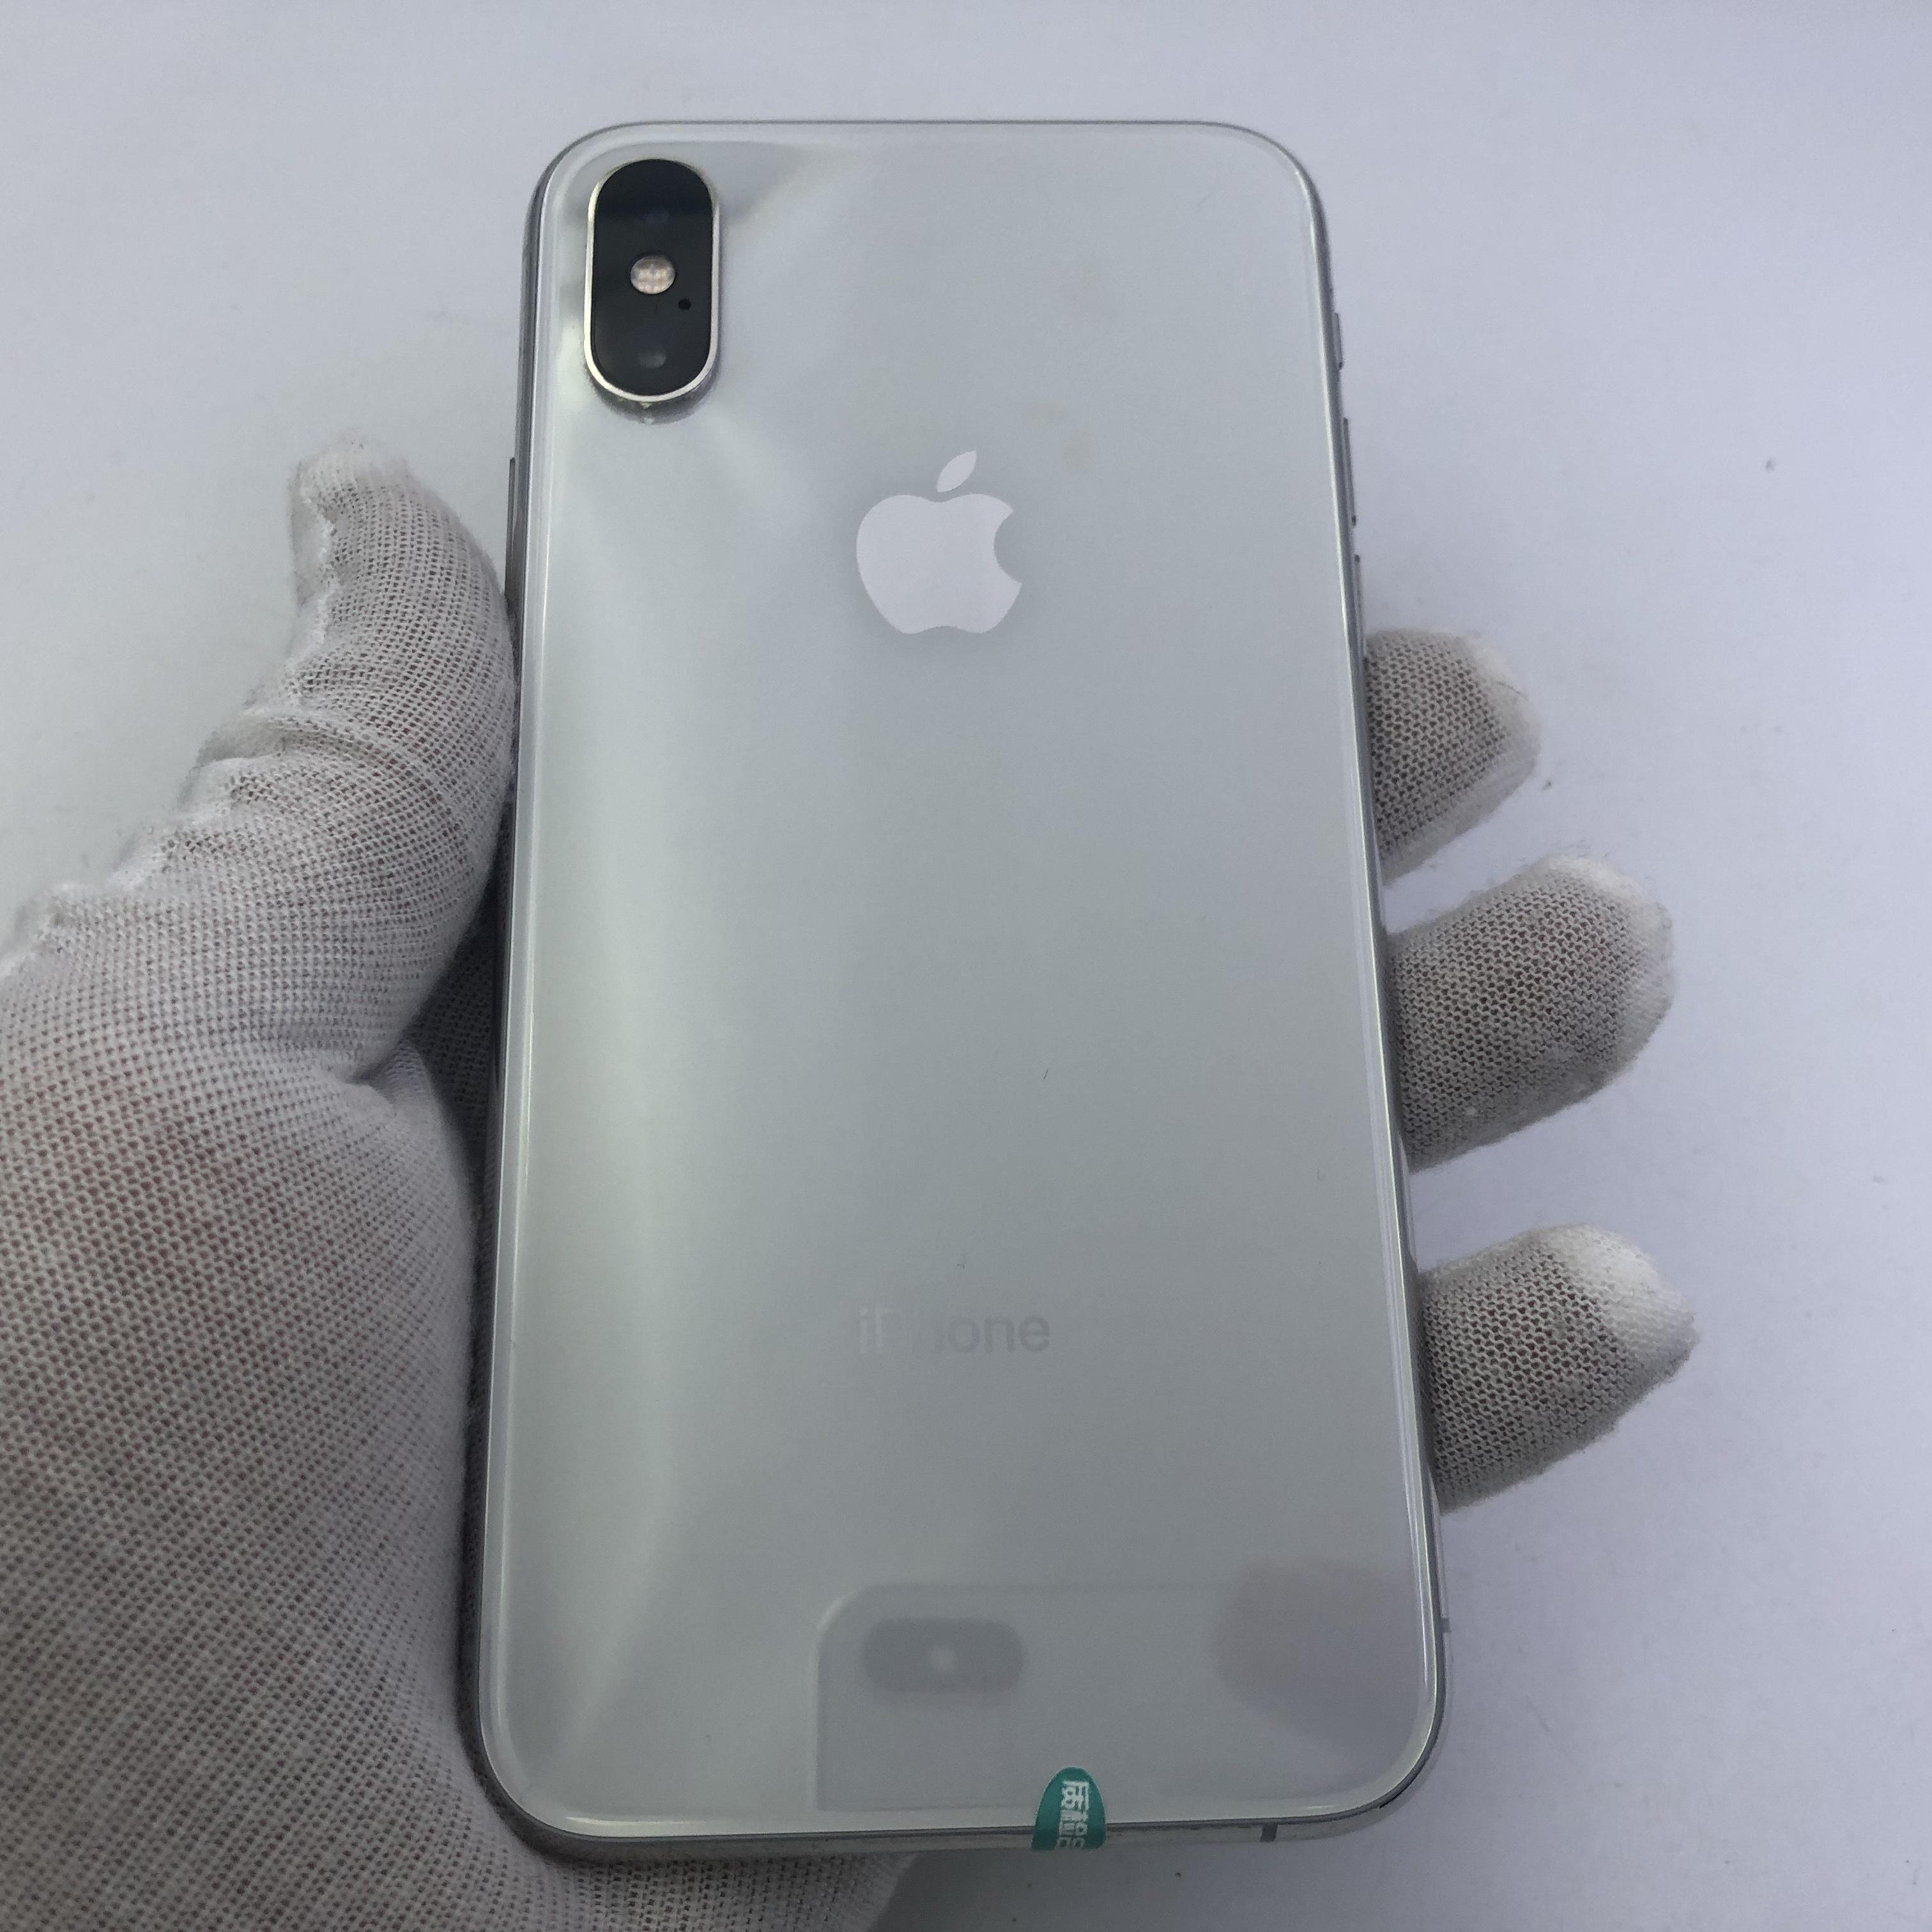 苹果【iPhone Xs】4G全网通 银色 256G 国行 8成新